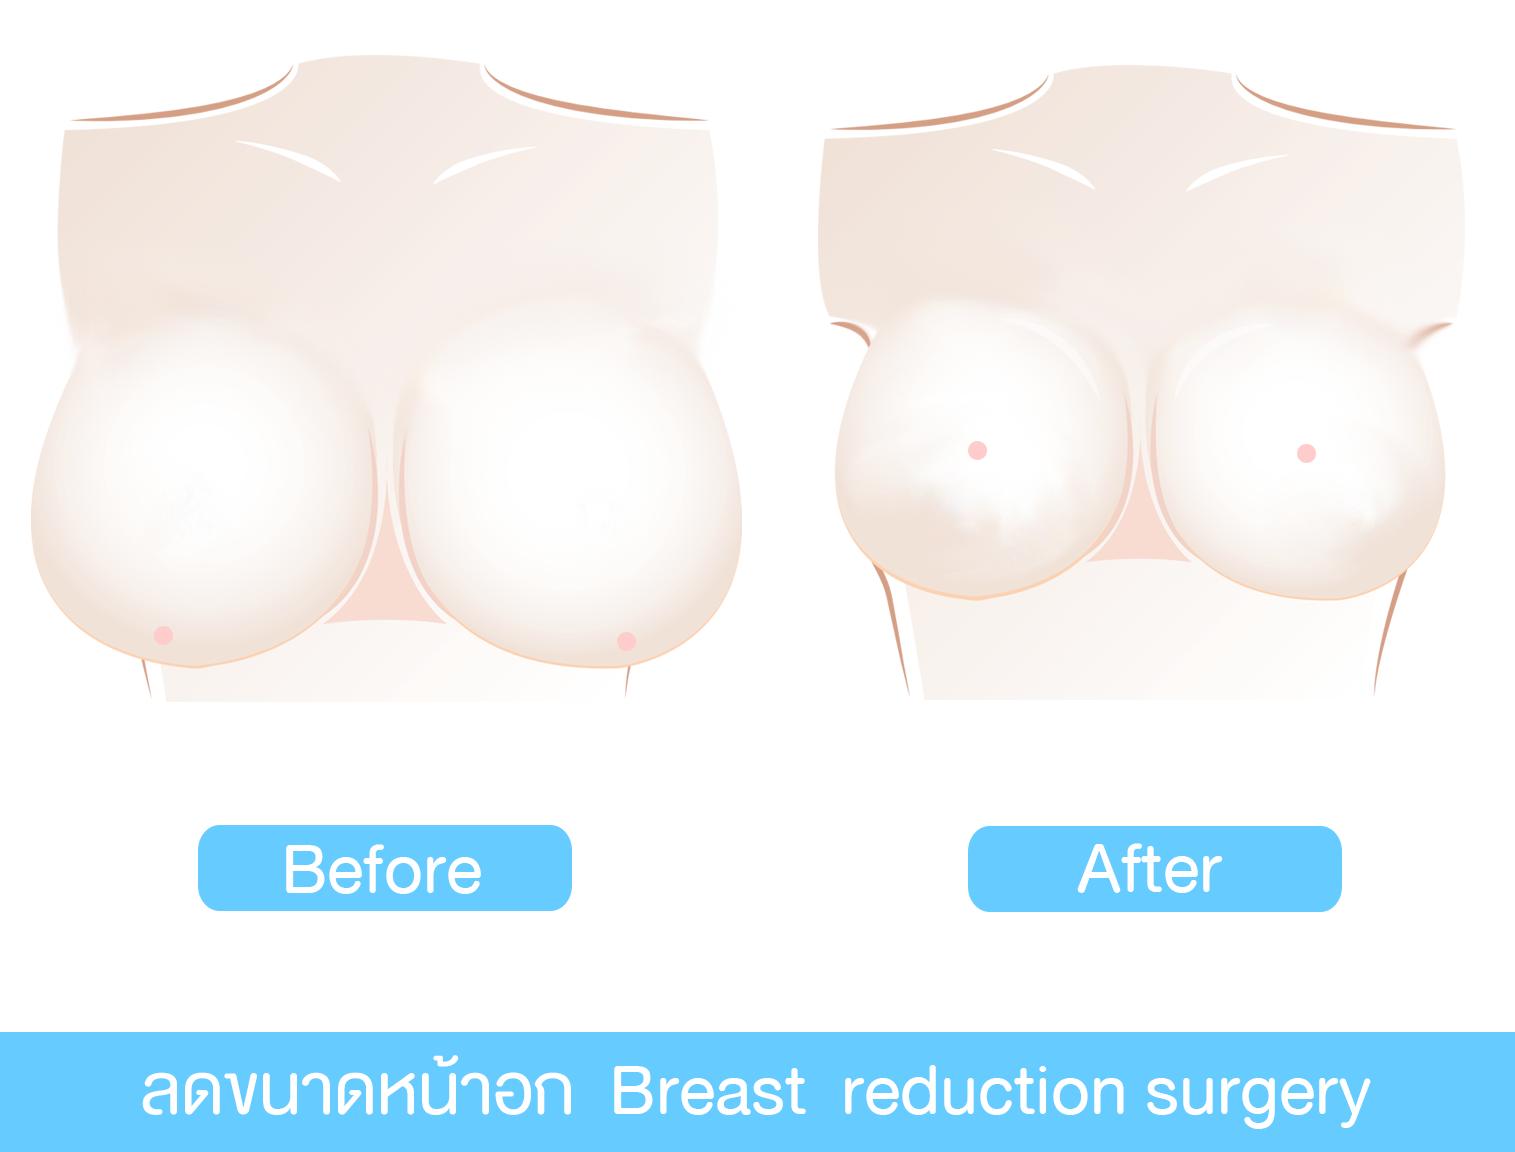 การผ่าตัดลดขนาดเต้านม